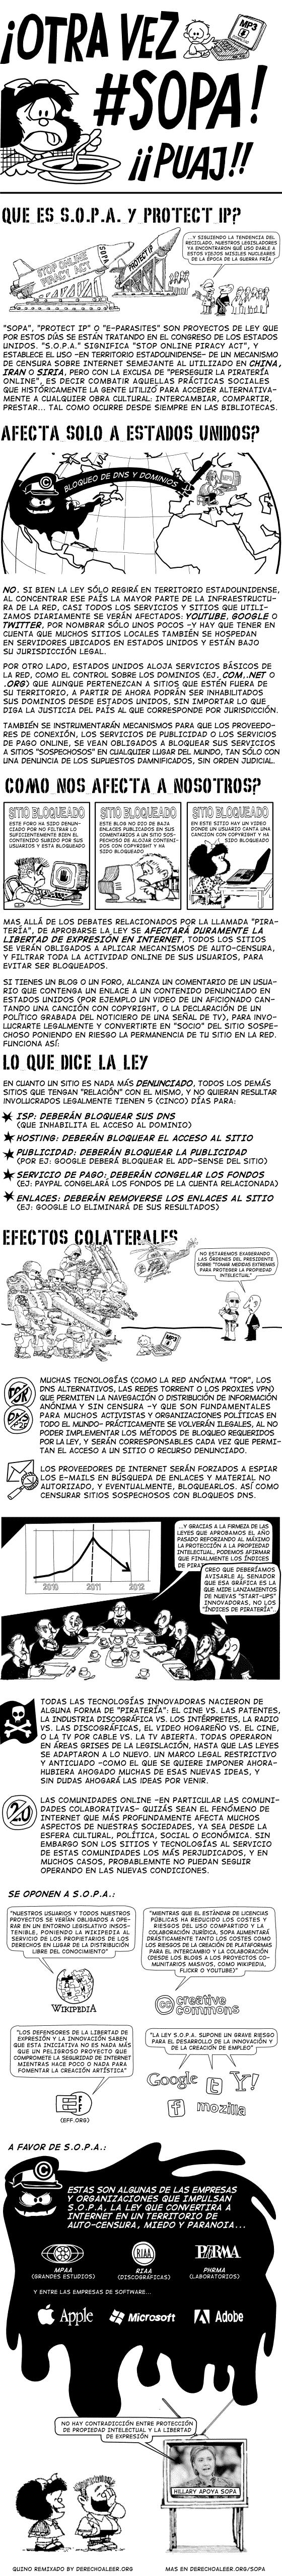 http://www.derechoaleer.org/images/2011/sopa/infografia-otra-vez-sopa-560.png